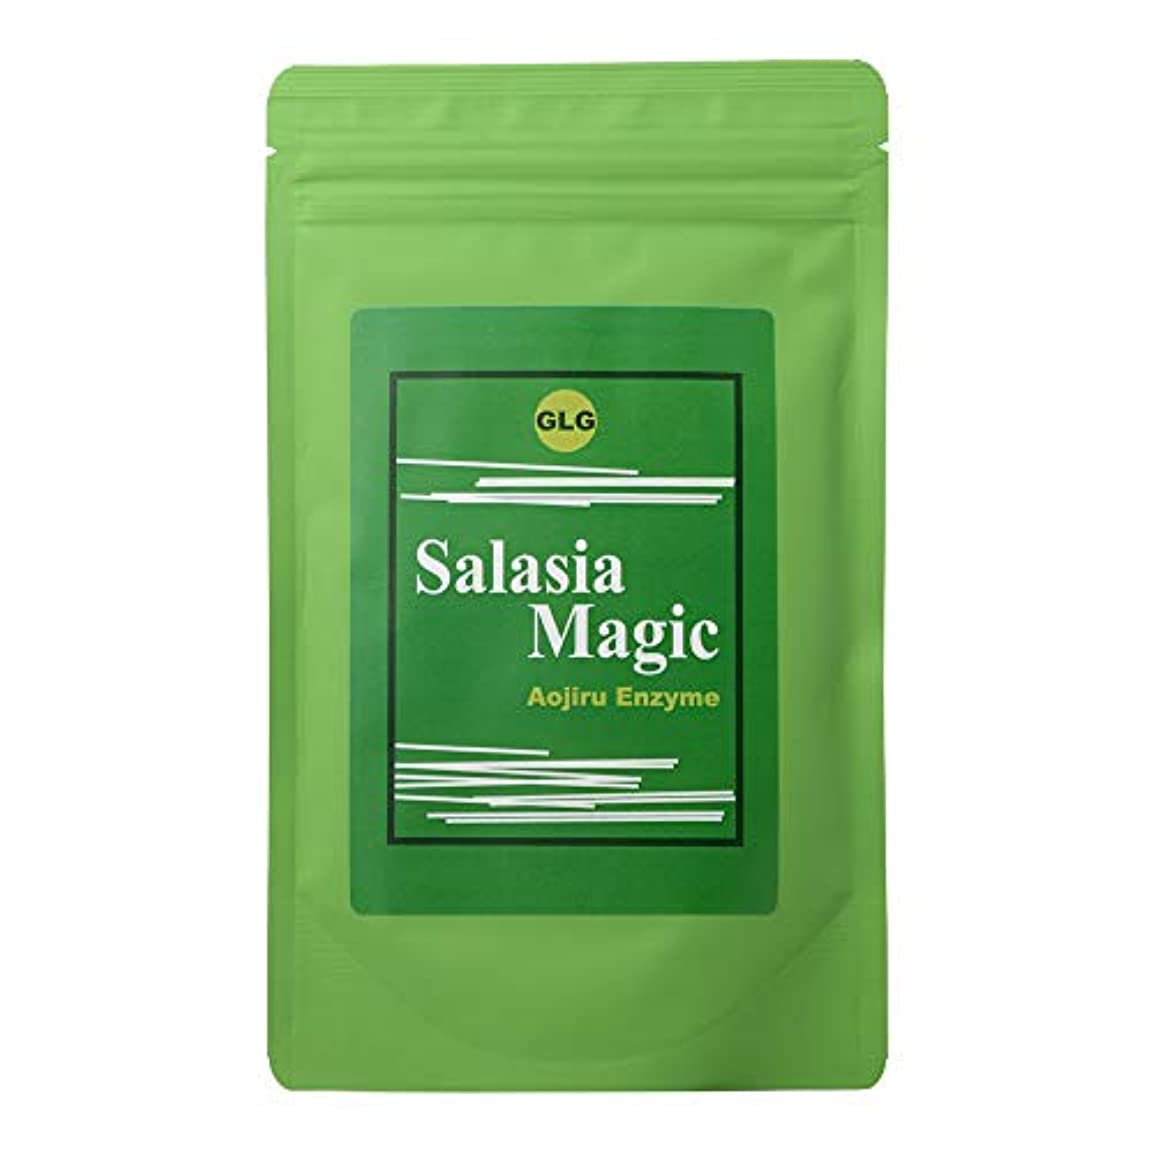 頼むセッティング引き出しサラシアマジック 青汁酵素 (ダイエットドリンク) お茶 健康飲料 粉末 [内容量150g/ 説明書付き]